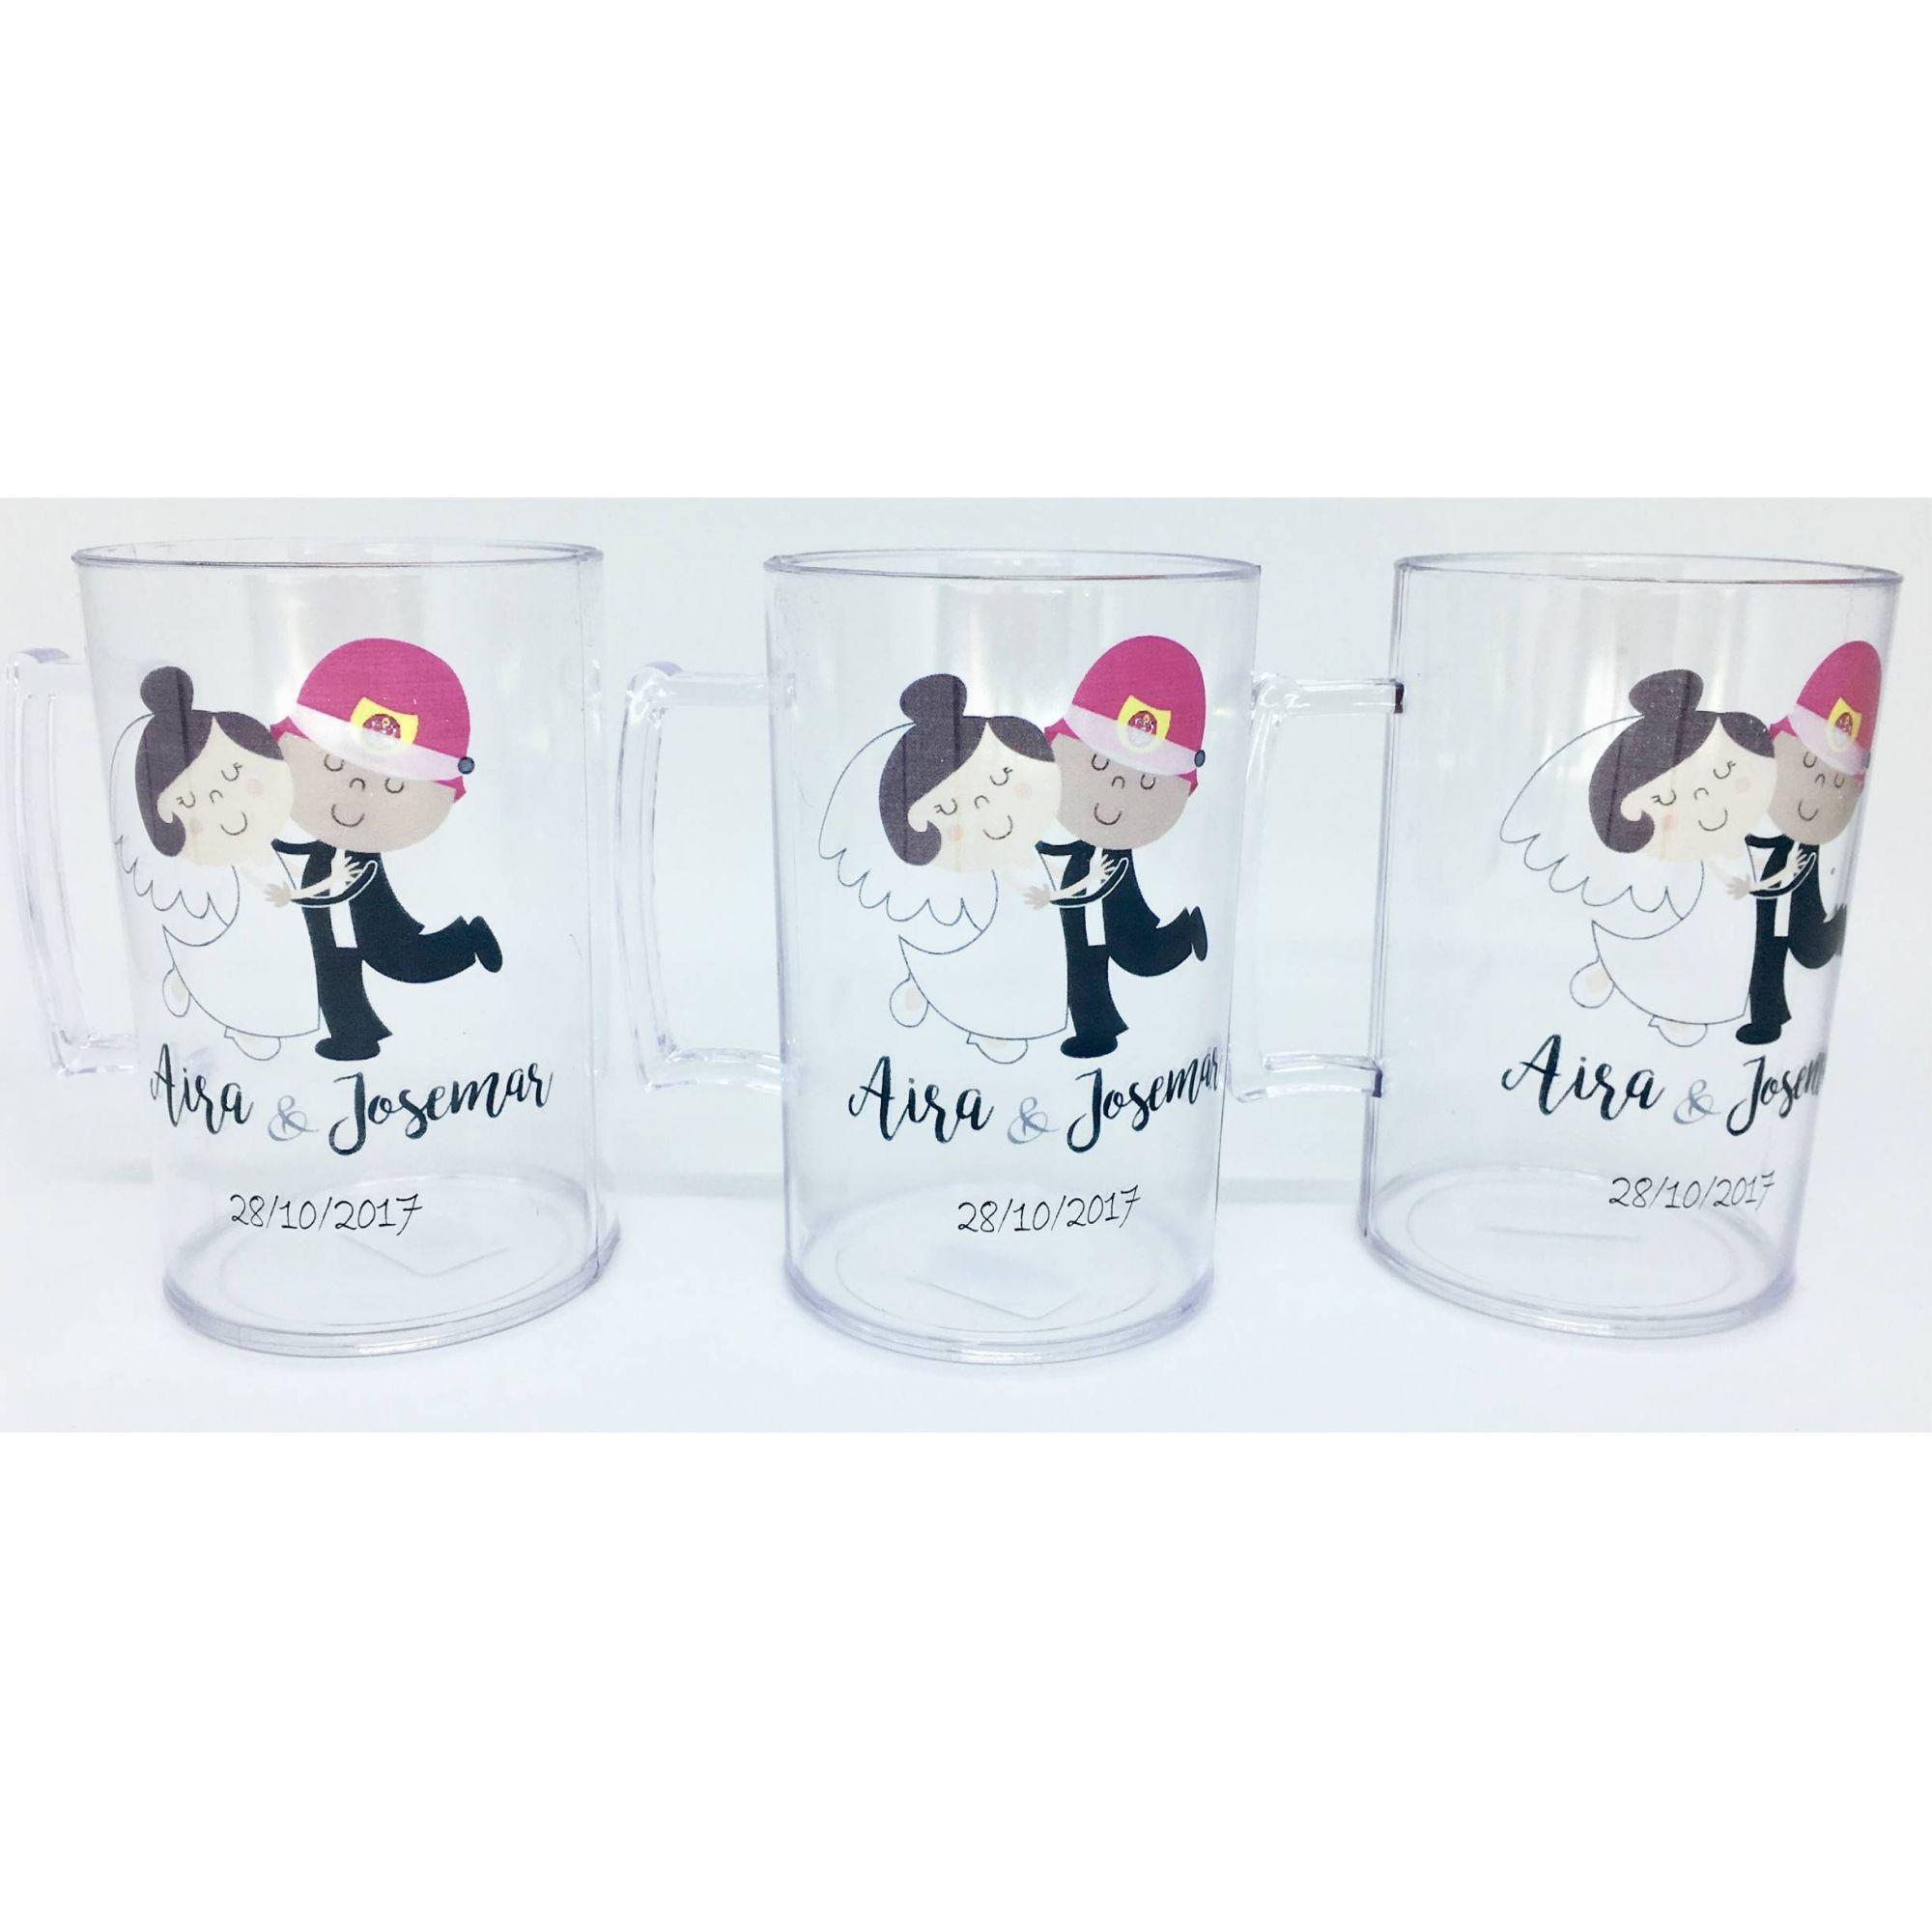 Canecas Personalizada para Casamento  - Bolas Lassabia - Bolas e Brindes Personalizados